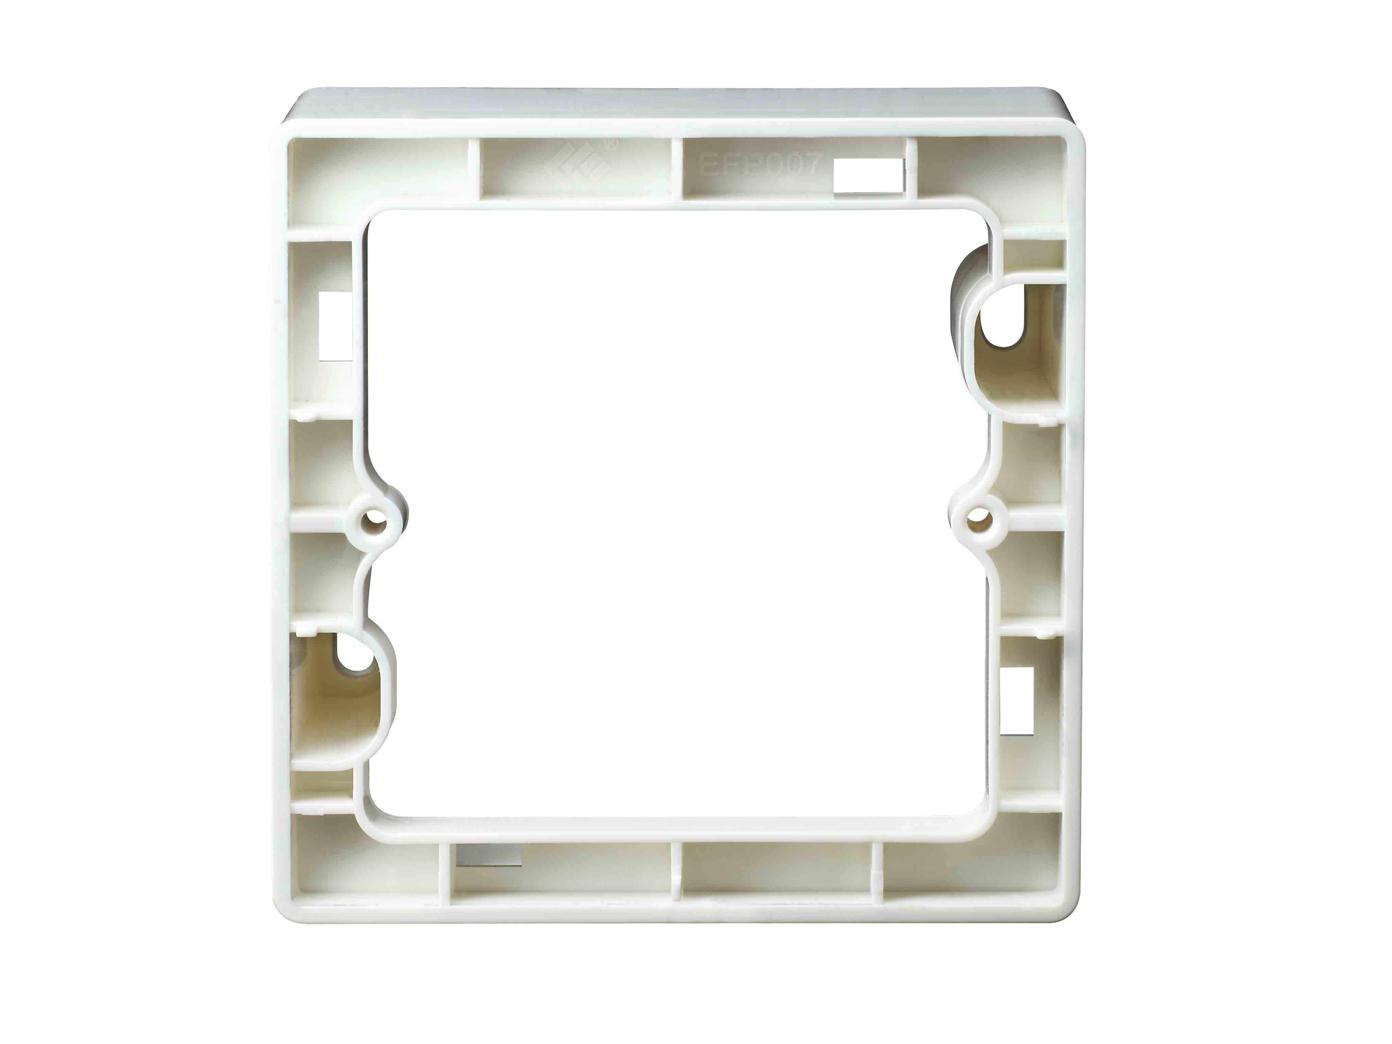 Wochenzeitschaltuhr Digital Unterputz Zeitschaltuhr mit Rahmen zum Einbau Timer 5